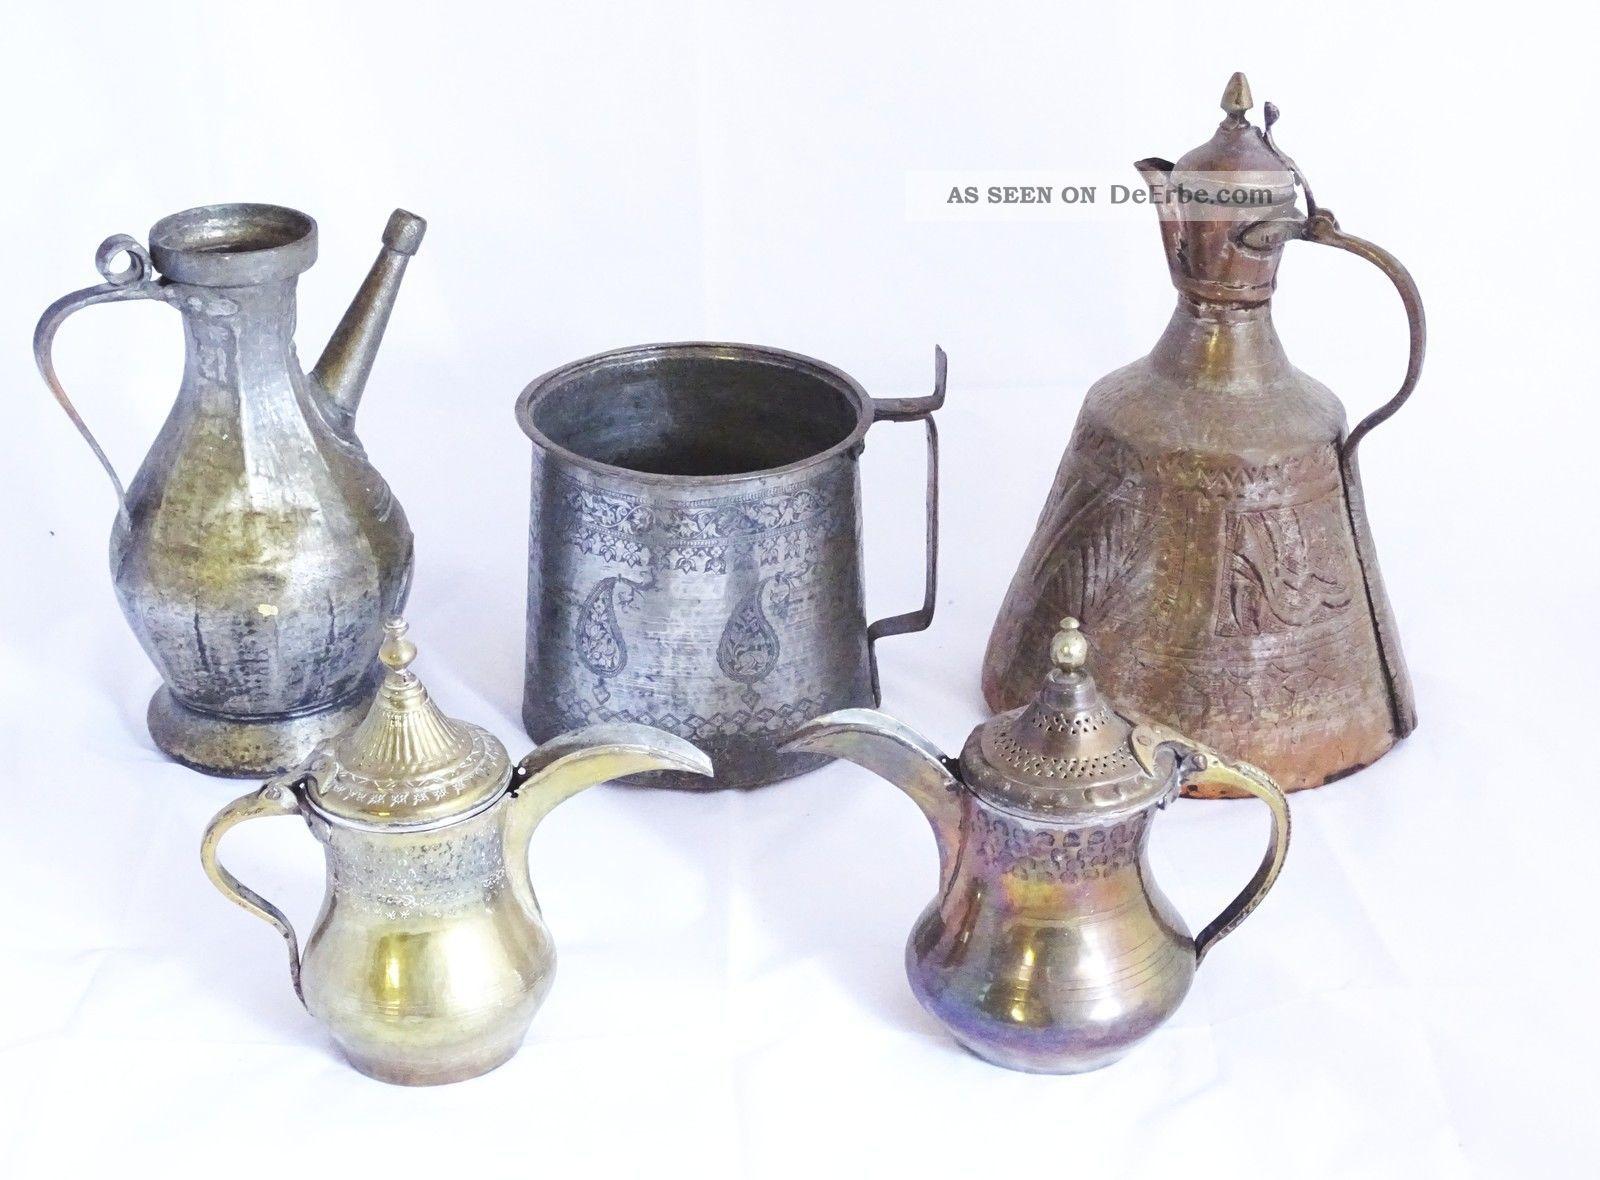 Konvolut 5 Antiker Orientalischer Gefäße Aus Metall Flasche Kanne Etc. Islamische Kunst Bild